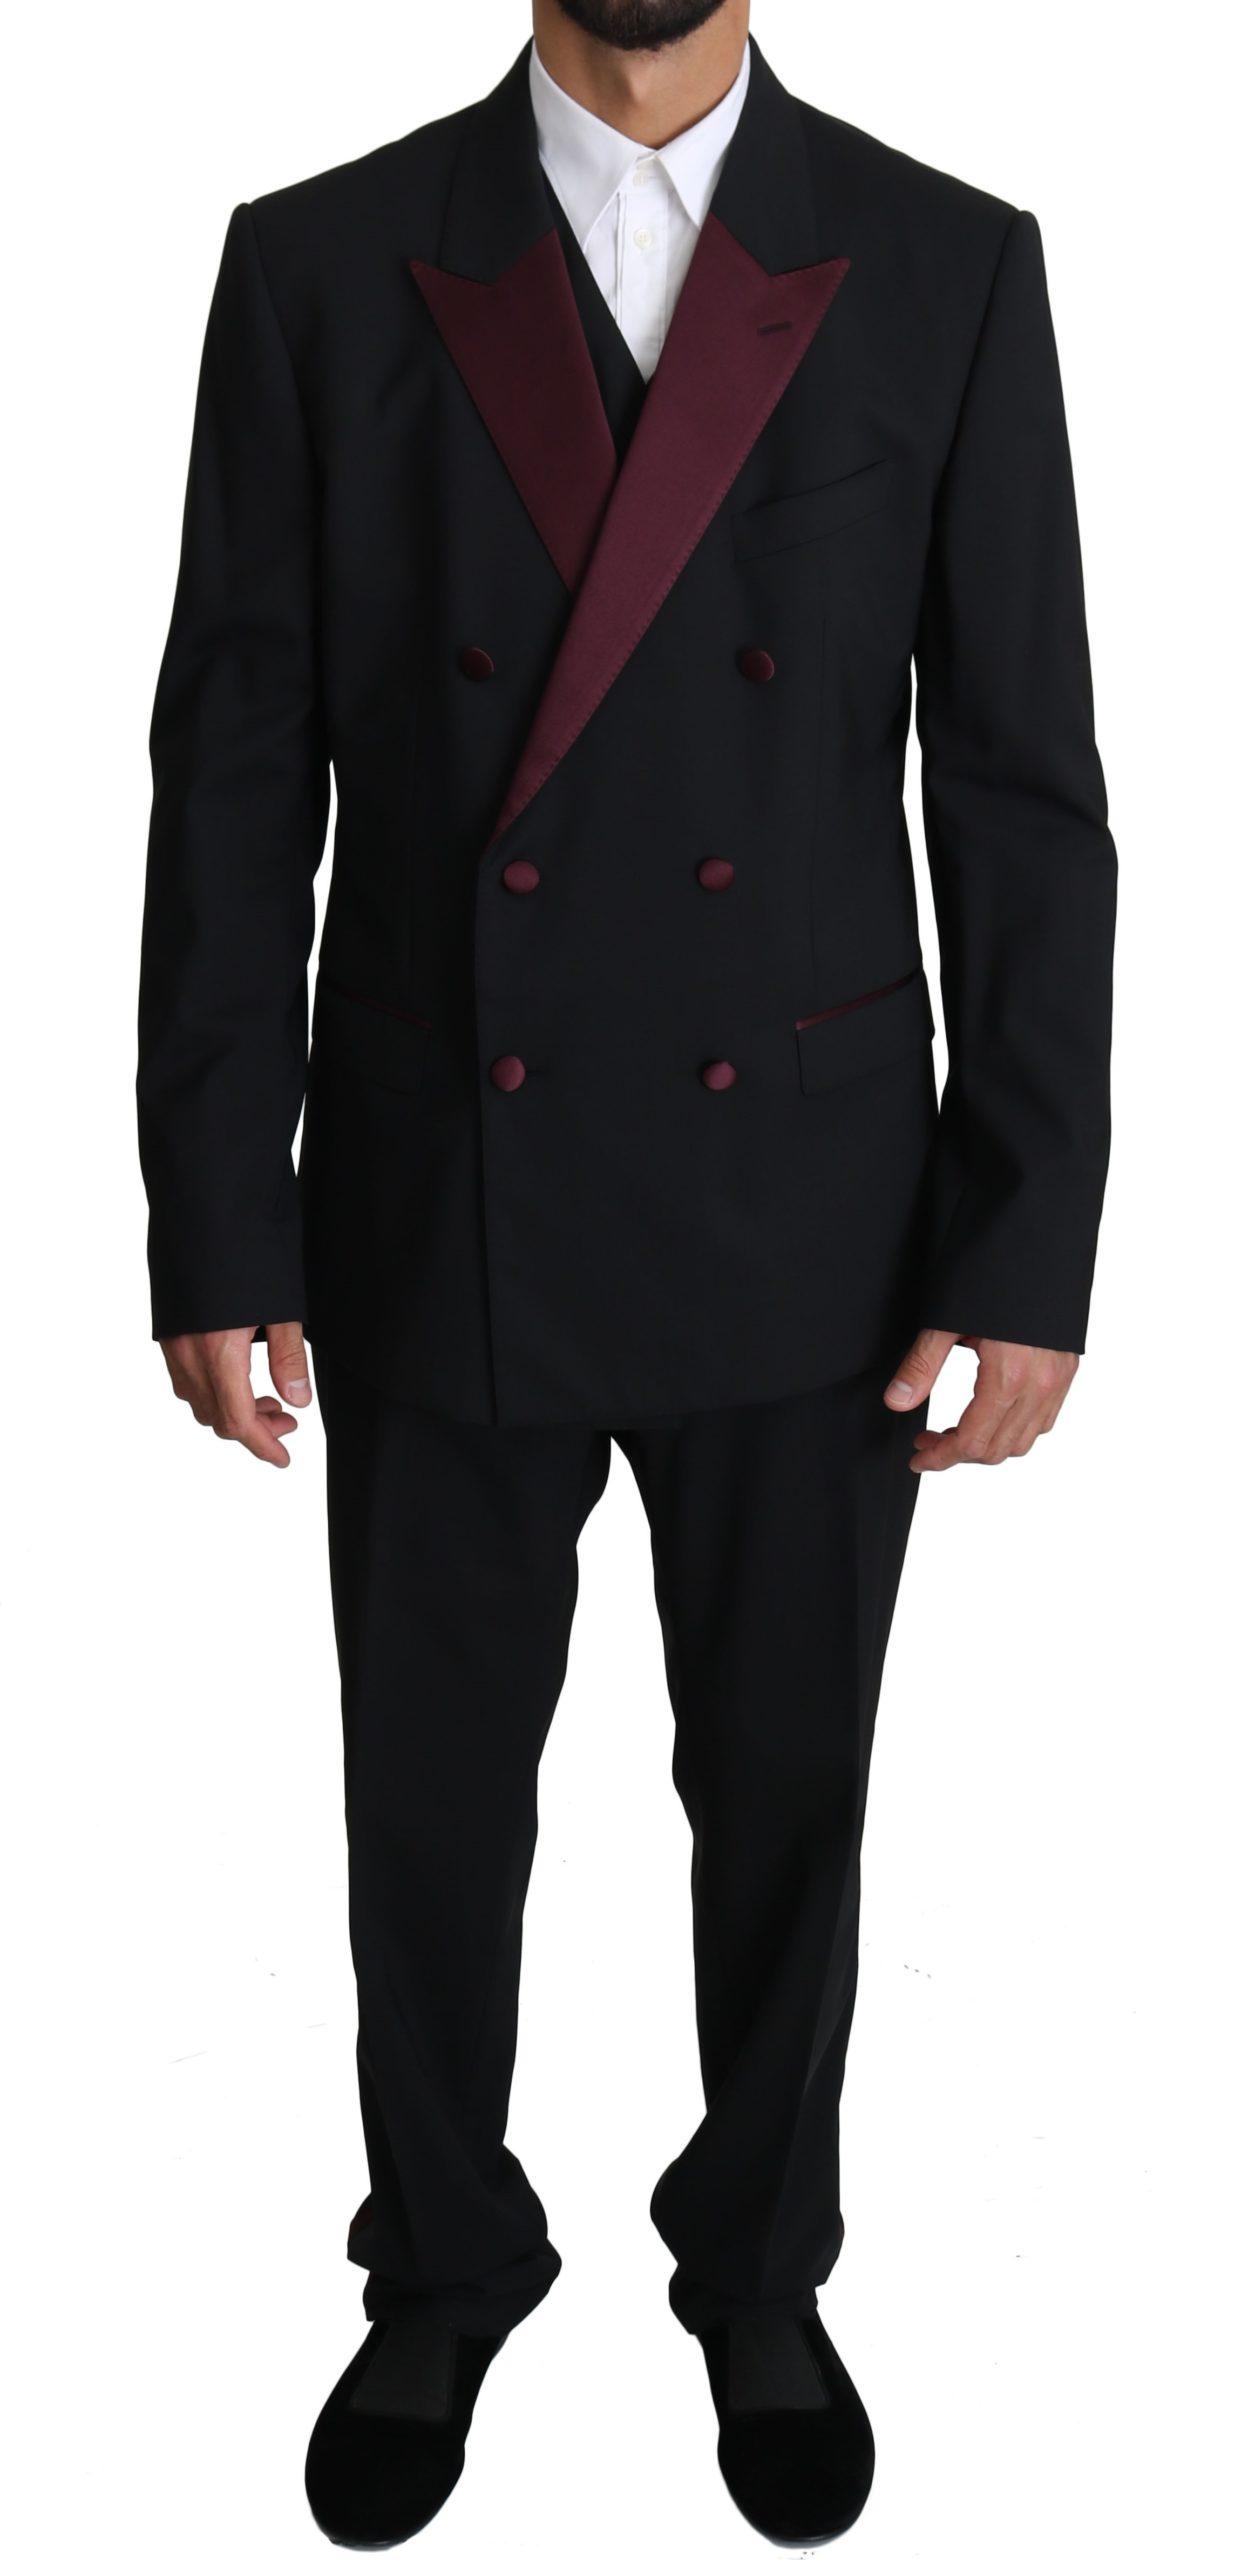 Dolce & Gabbana Men's Slim Fit 3 Piece MARTINI Suit Beige KOS1523 - IT50 | L